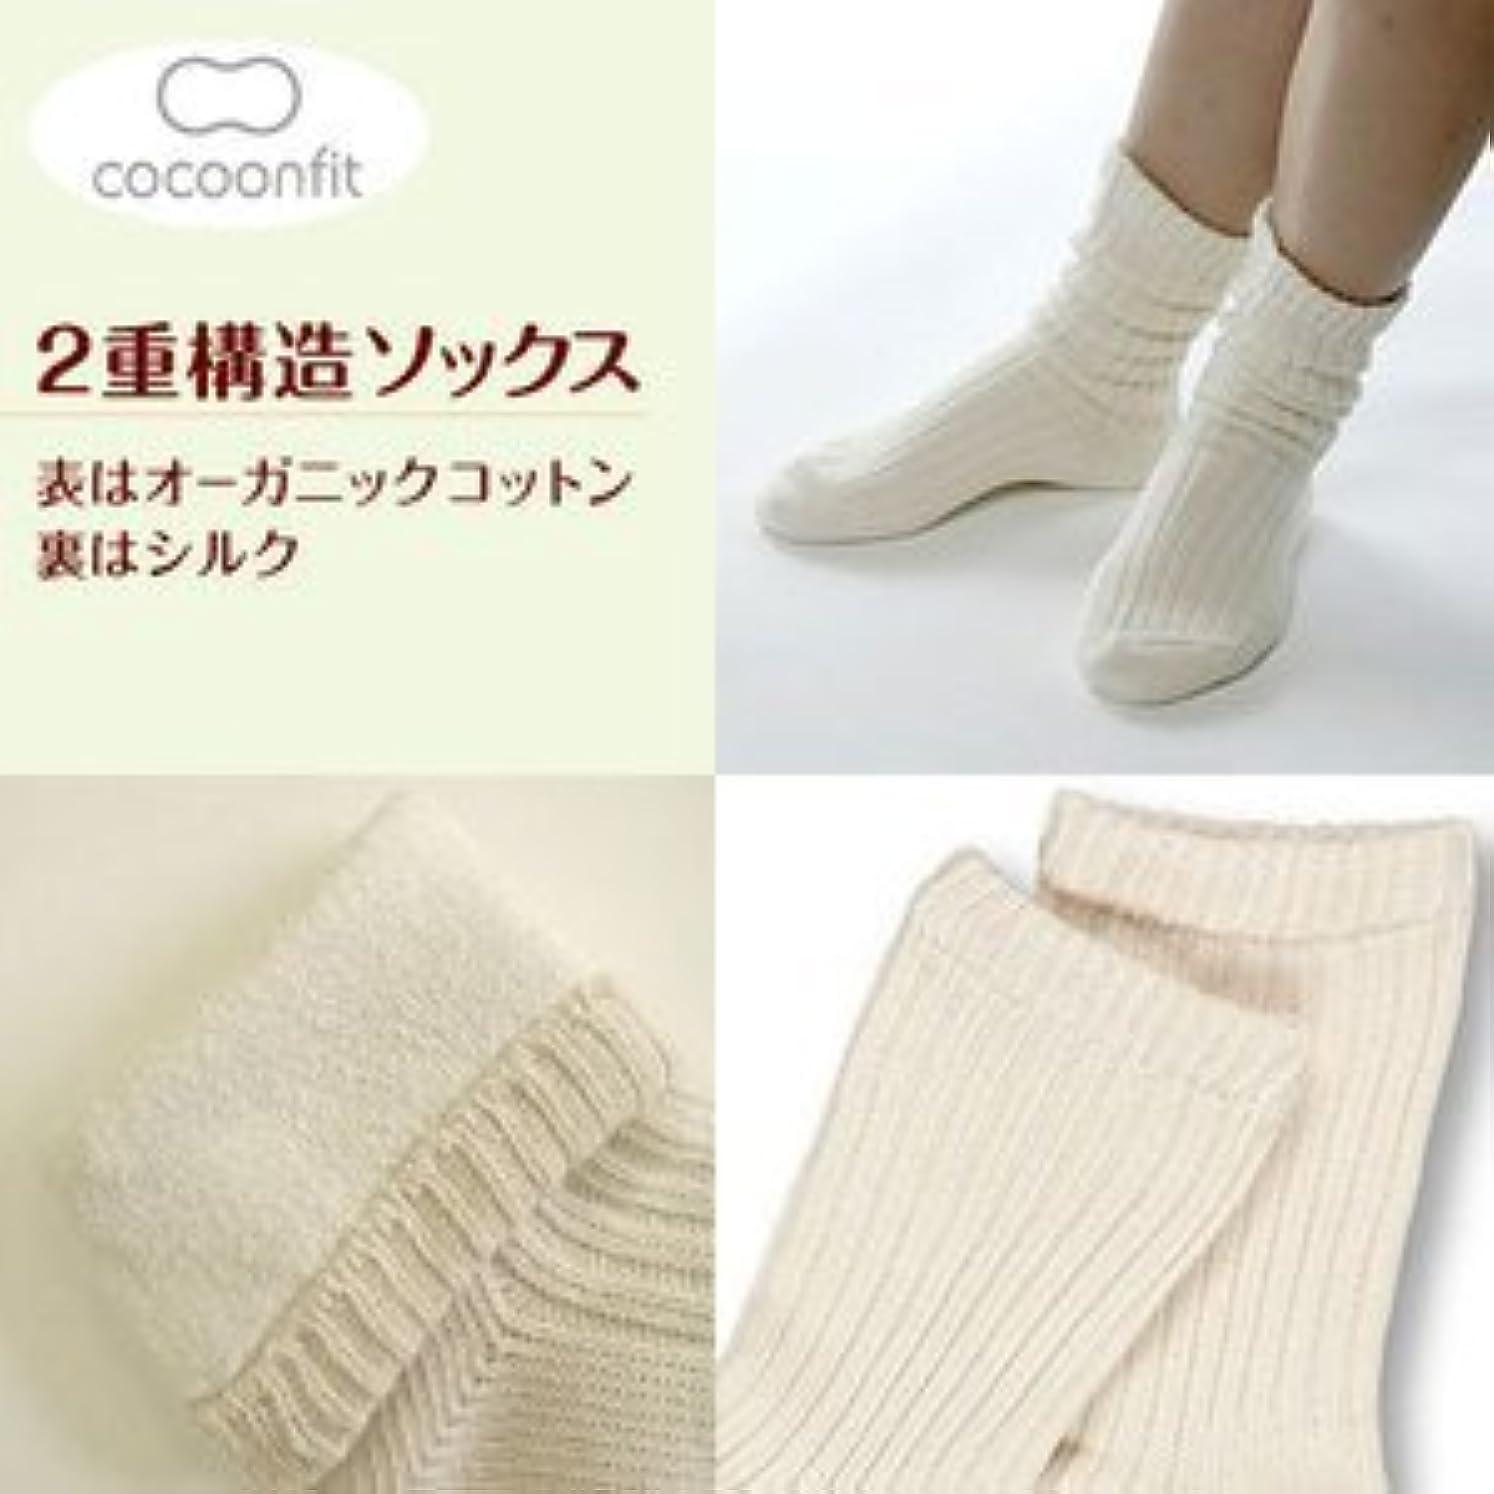 コイルハイランド削除するシルク 2重編みソックス (冷え取り靴下、冷えとり 靴下 シルク、重ね、二重)